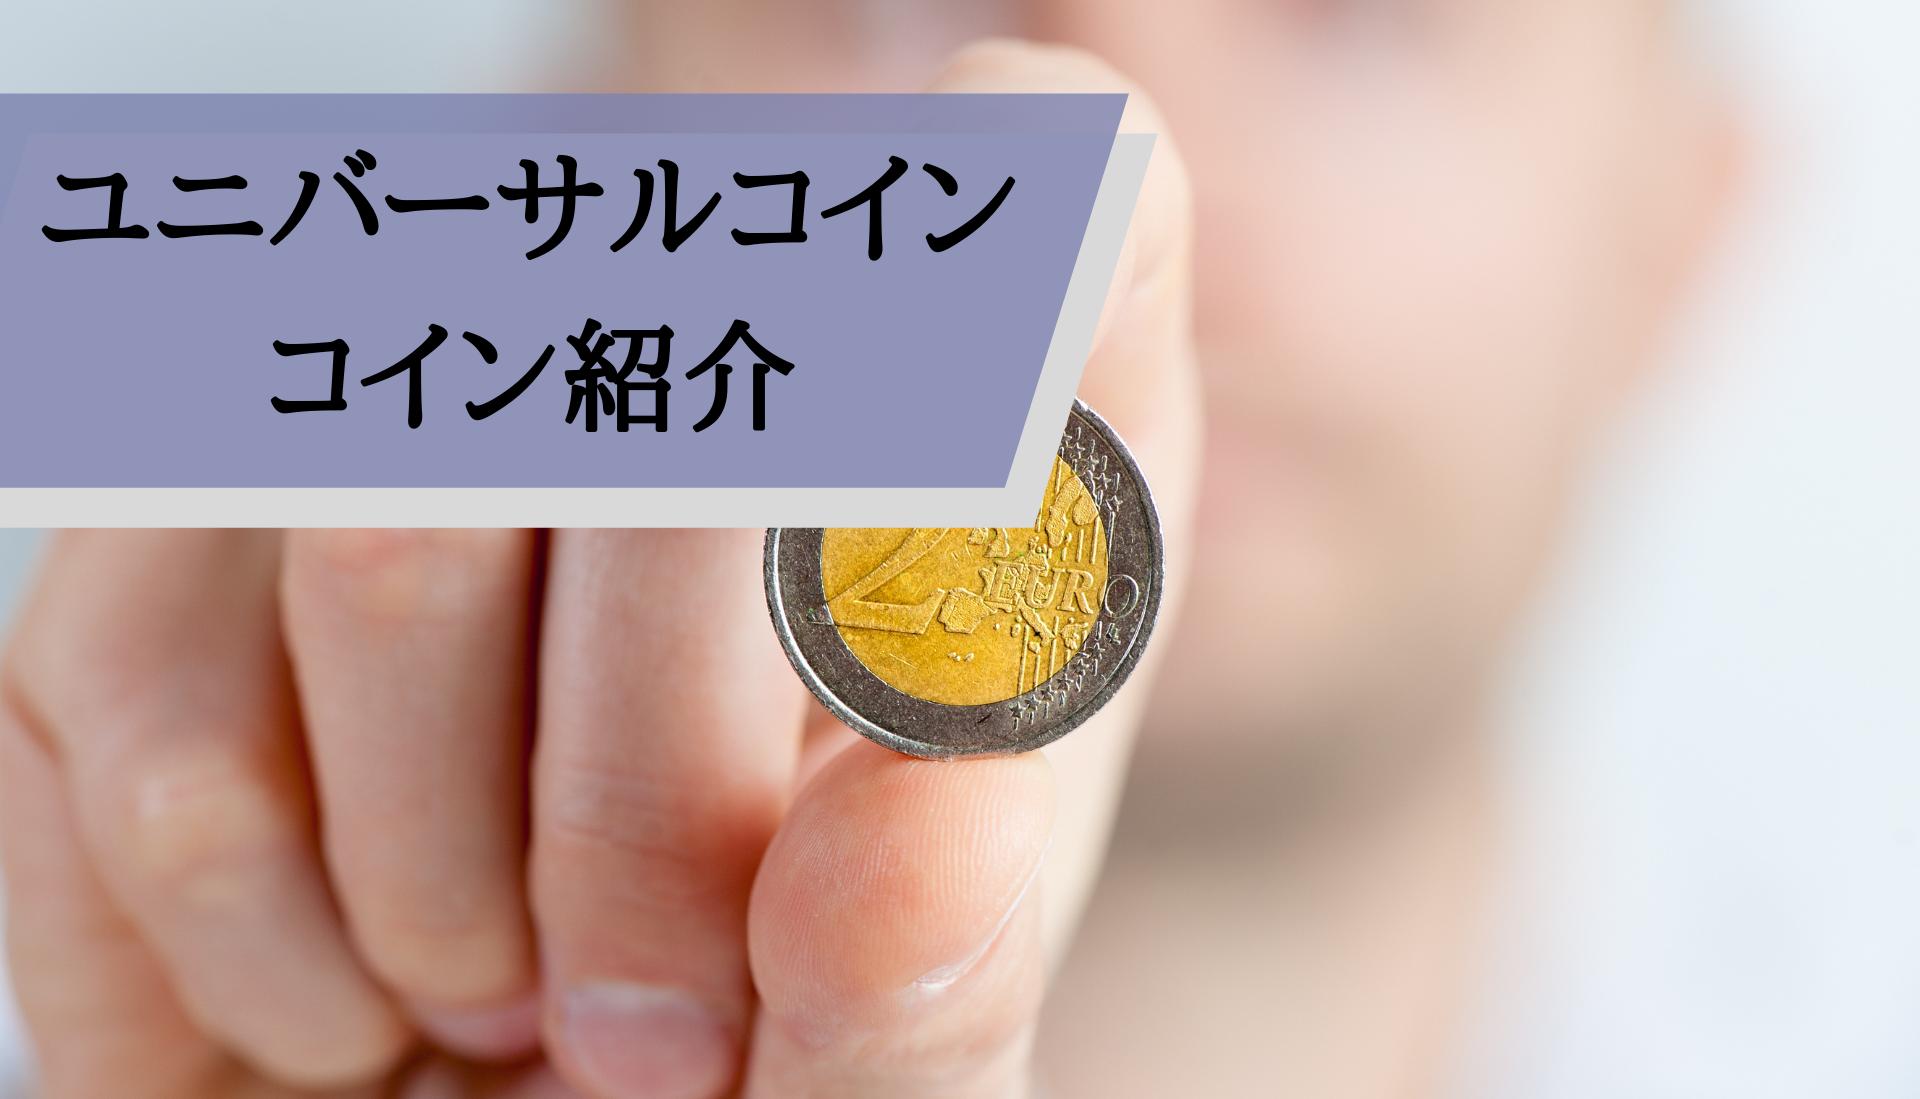 ユニバーサルコイン評判_コイン紹介